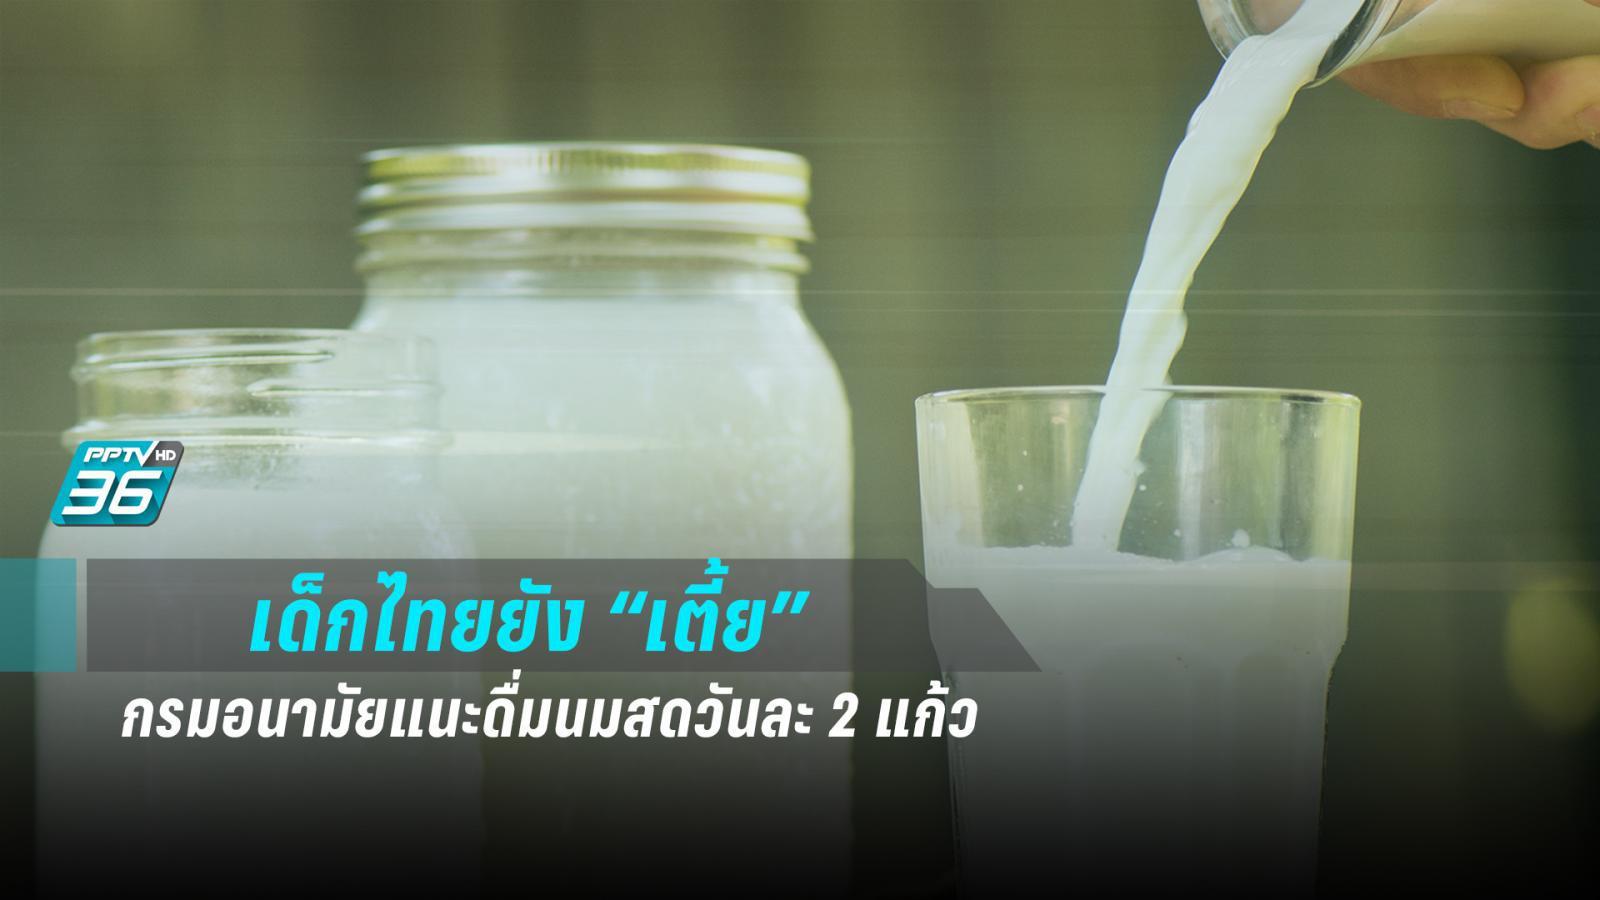 """เปิดสูตร """"เพิ่มความสูงเด็กไทย"""" แถมสุขภาพแข็งแรง"""